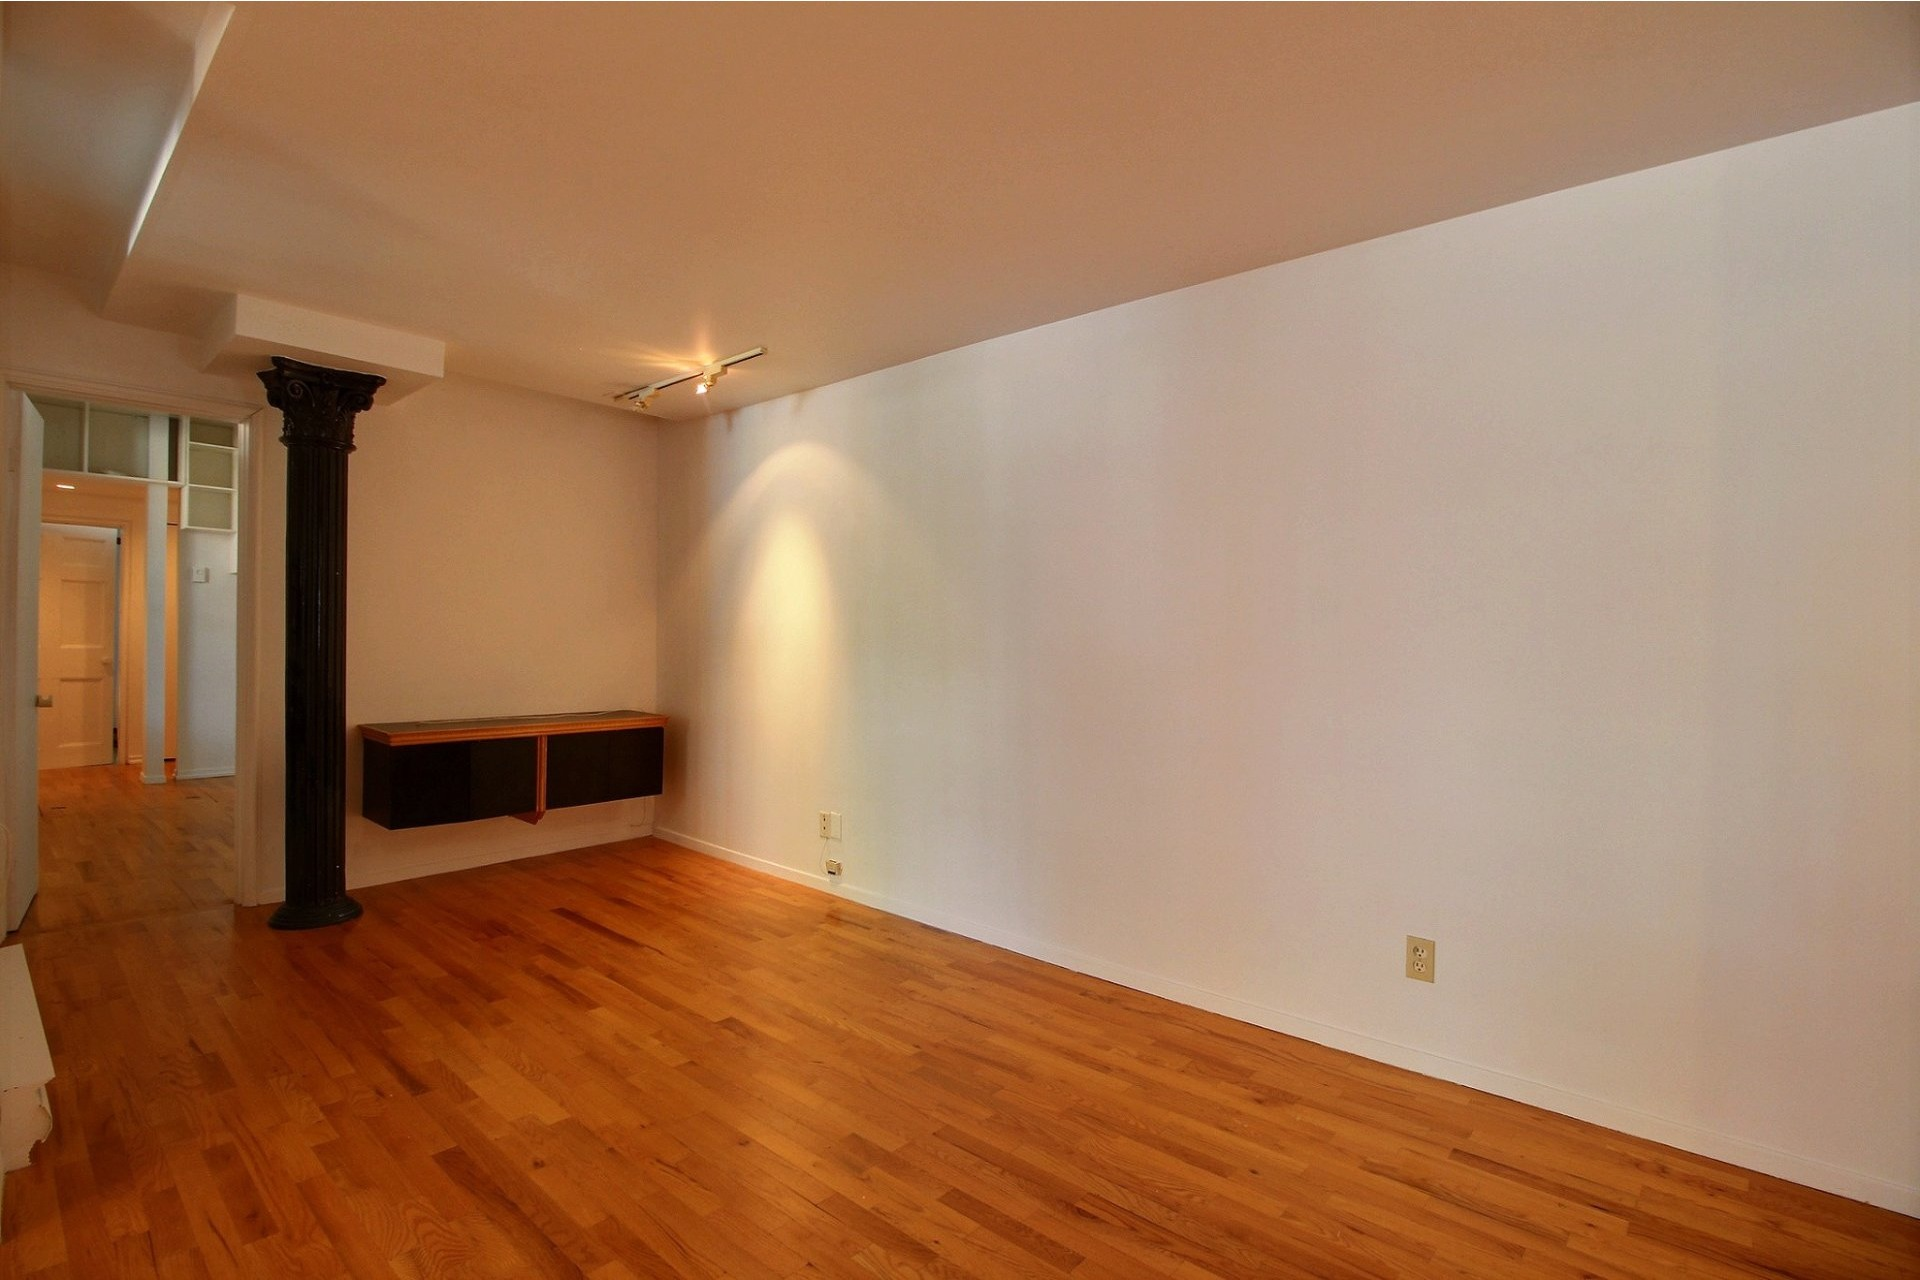 image 12 - Appartement À vendre Le Plateau-Mont-Royal Montréal  - 5 pièces